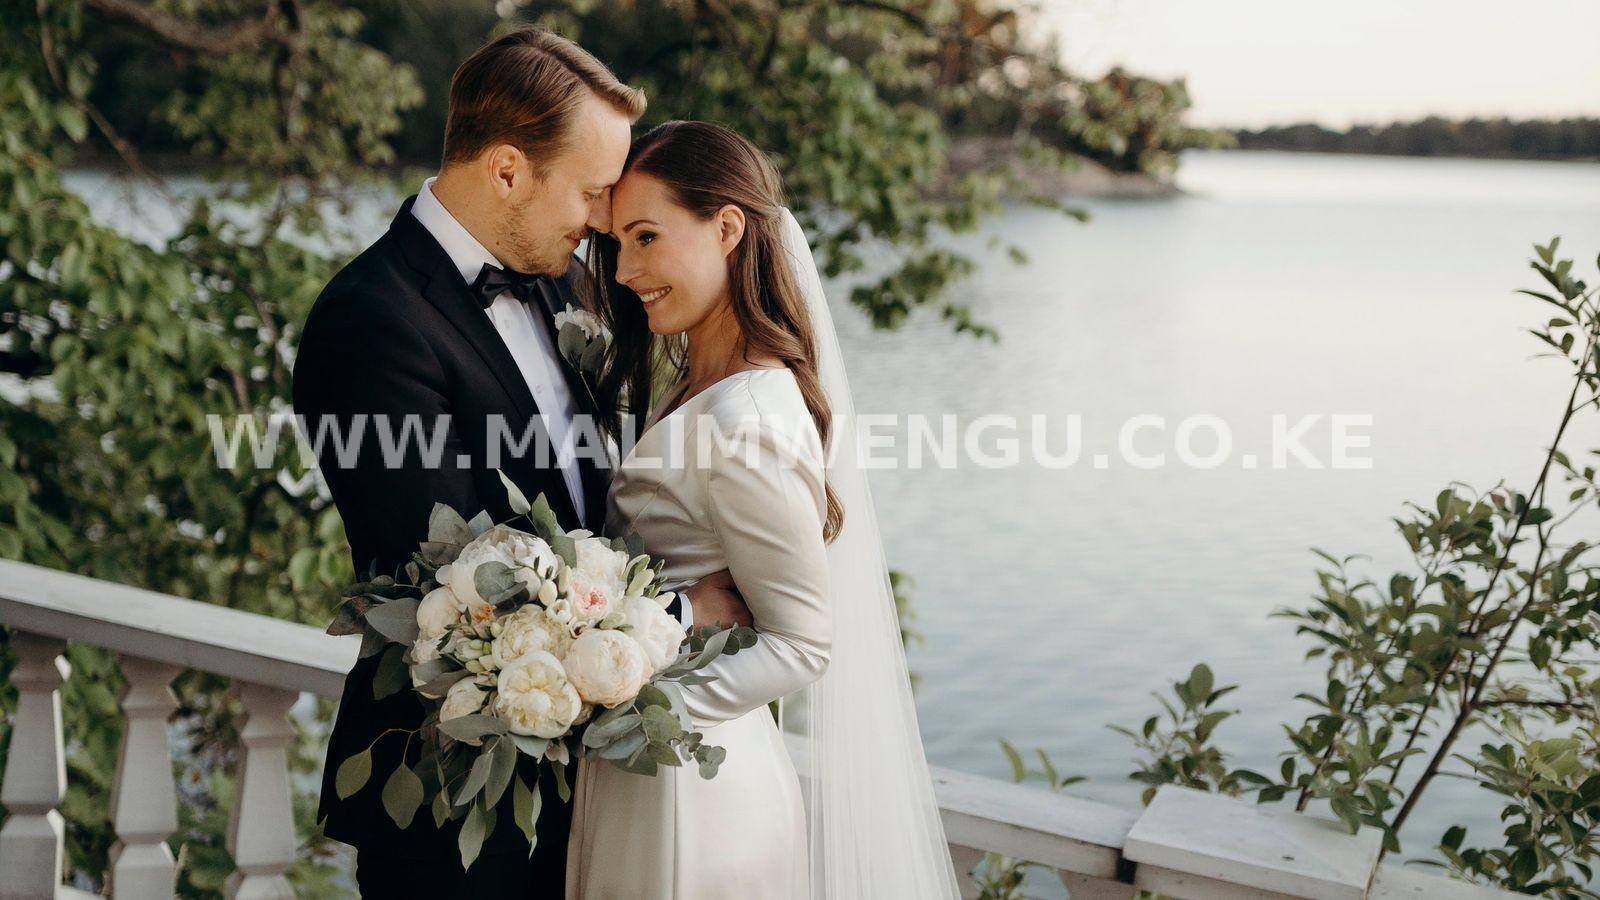 Sanna Marin and husband